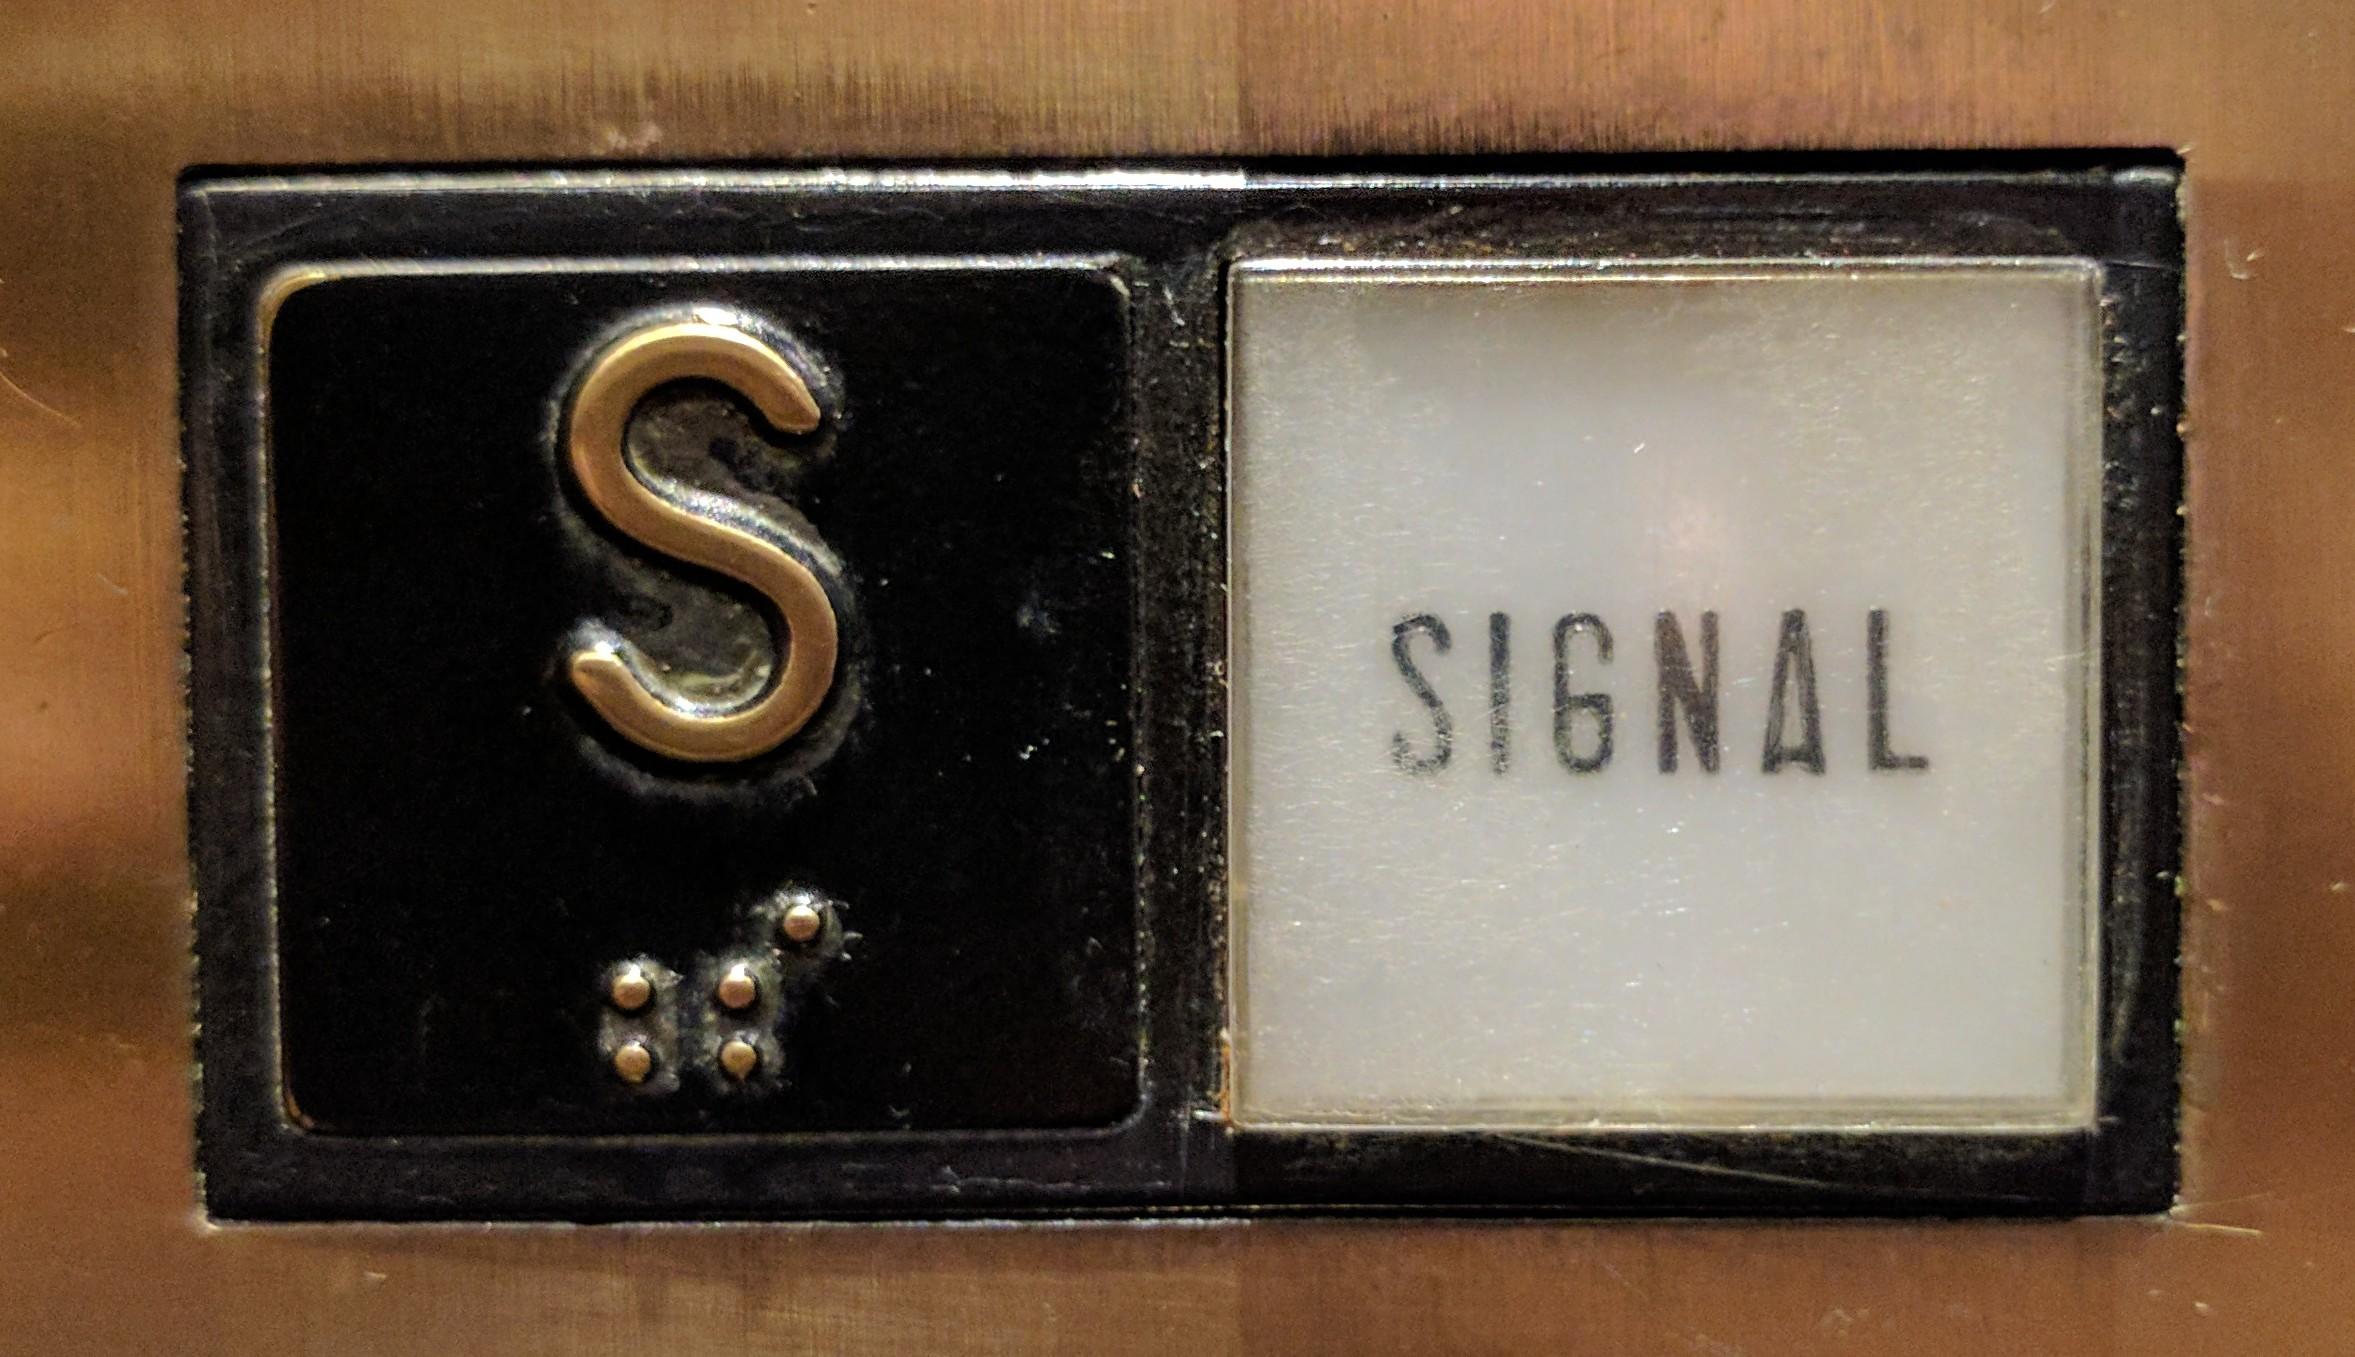 Botón de alarma en un ascensor.